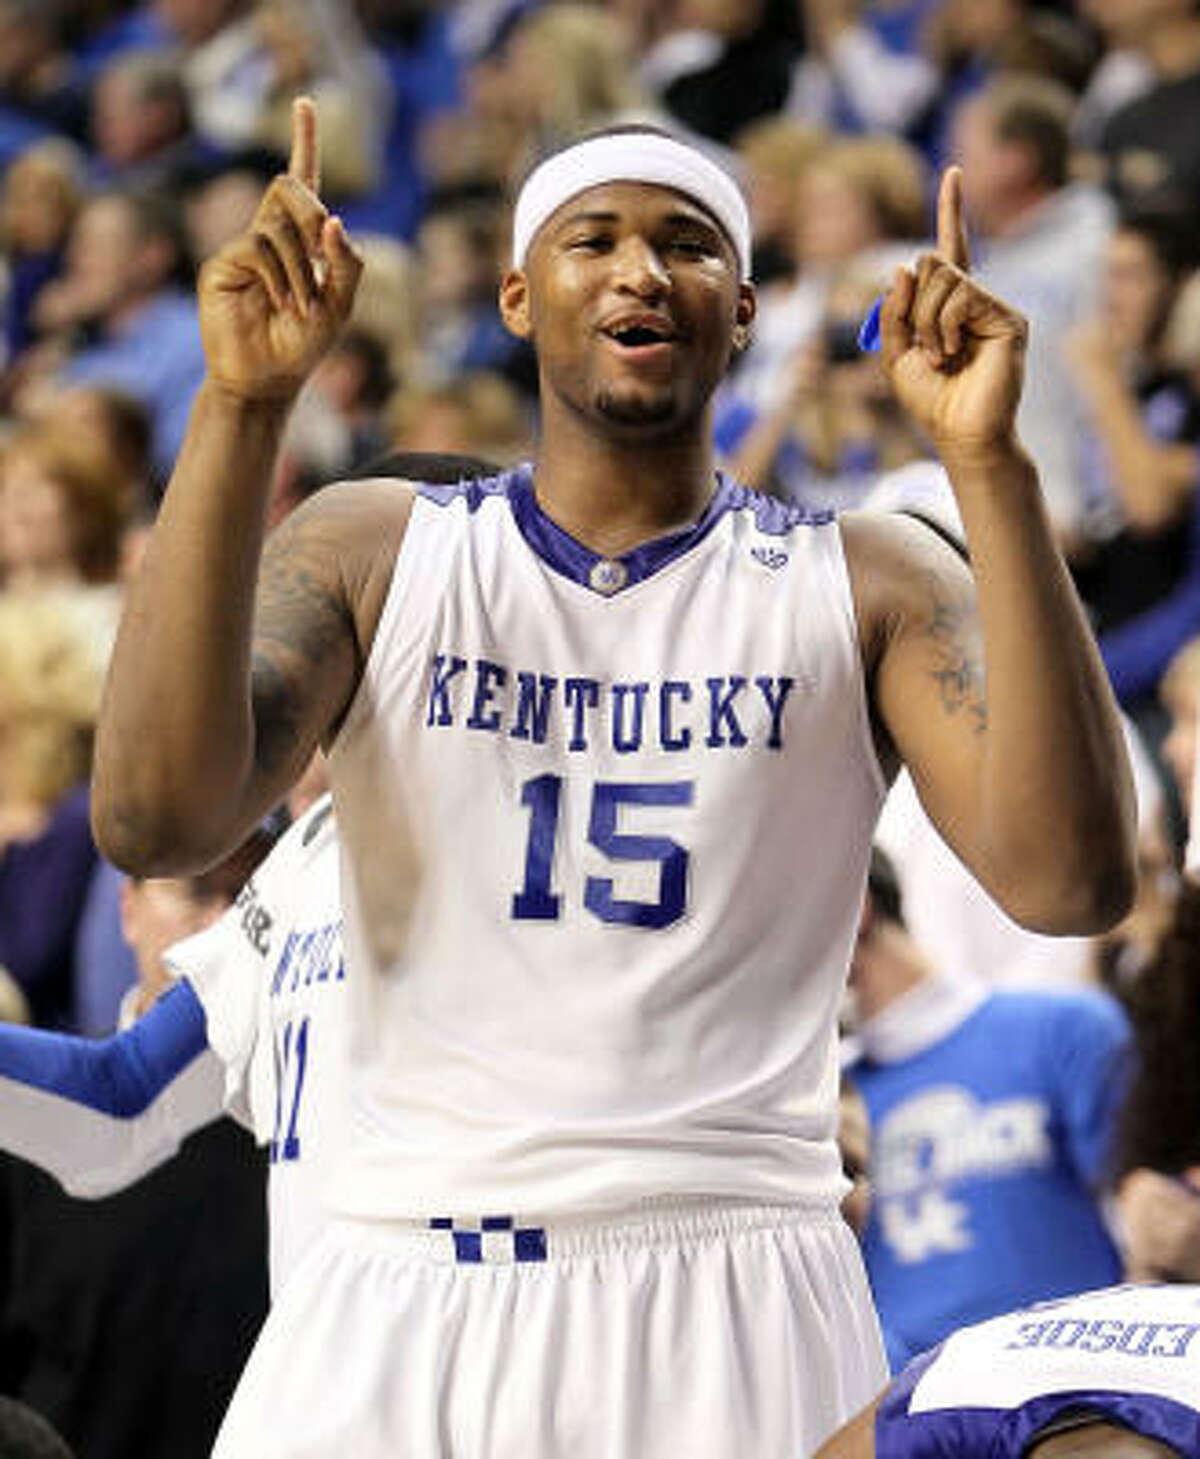 3. Sacramento Kings Pick: Demarcus Cousins Position: Forward/center School: Kentucky